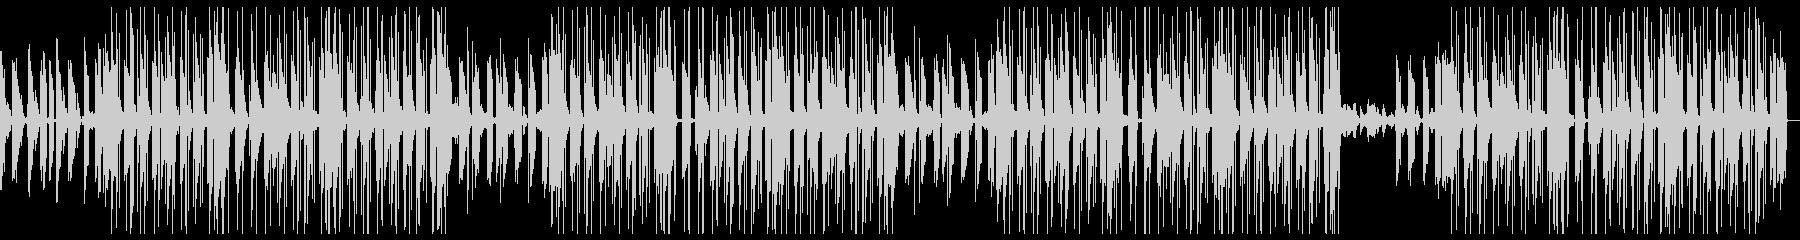 シンセを使ったユーモラスな雰囲気のBGMの未再生の波形